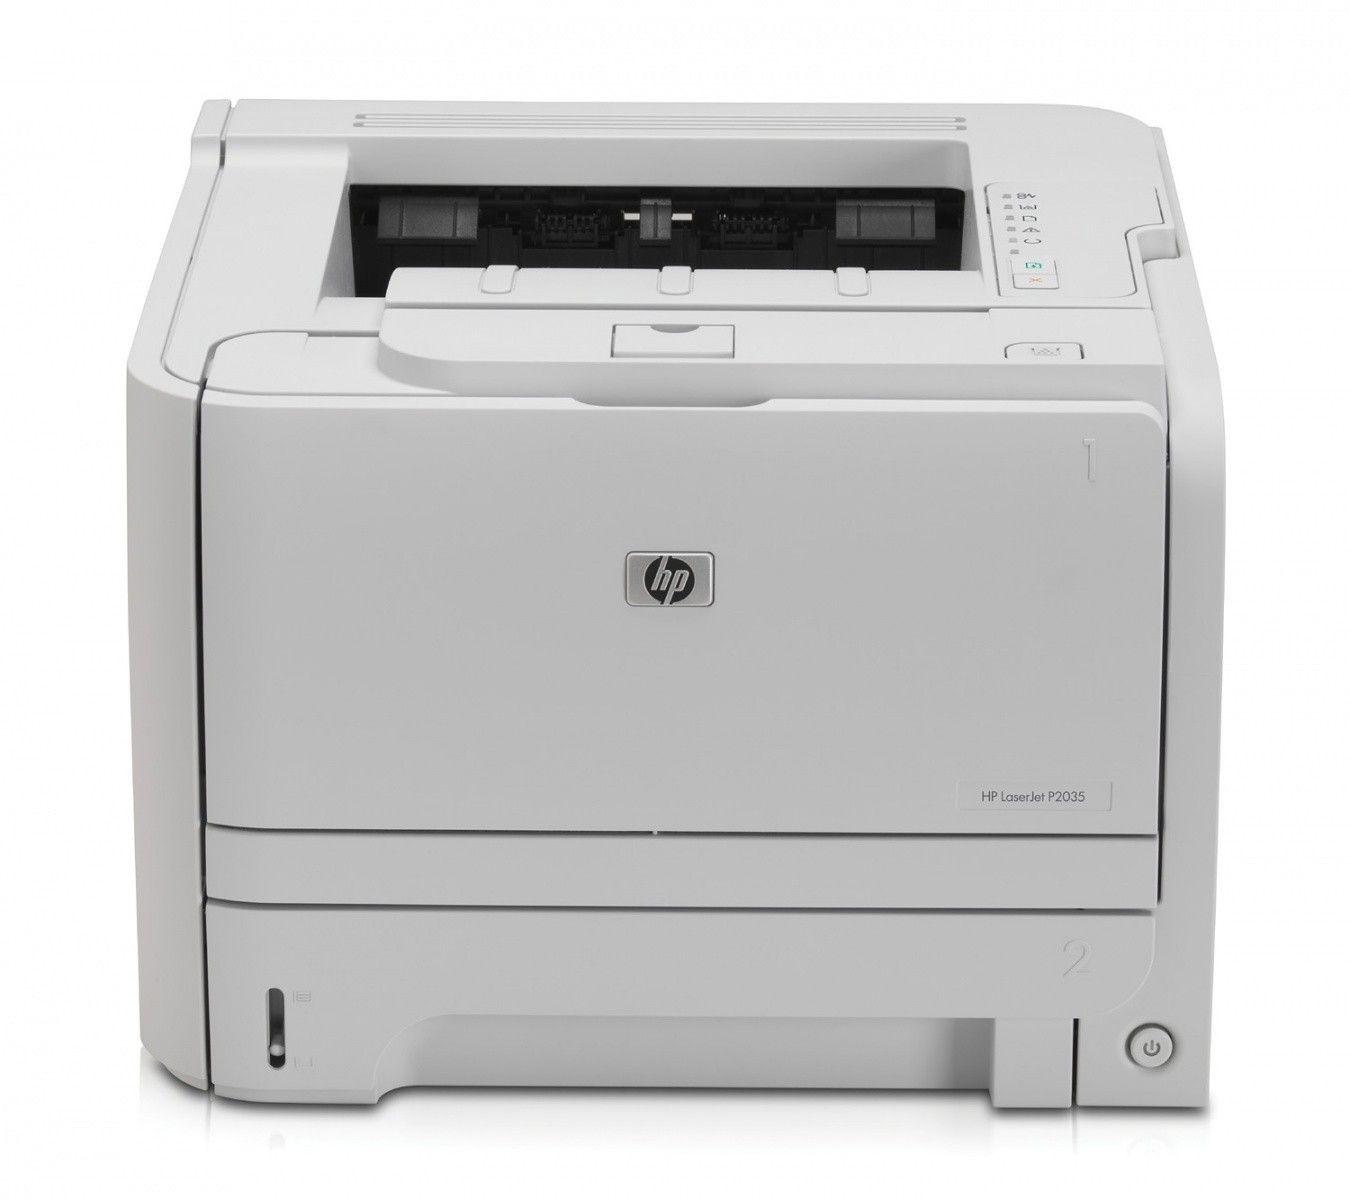 HP Drukarka laserowa LaserJet P2035